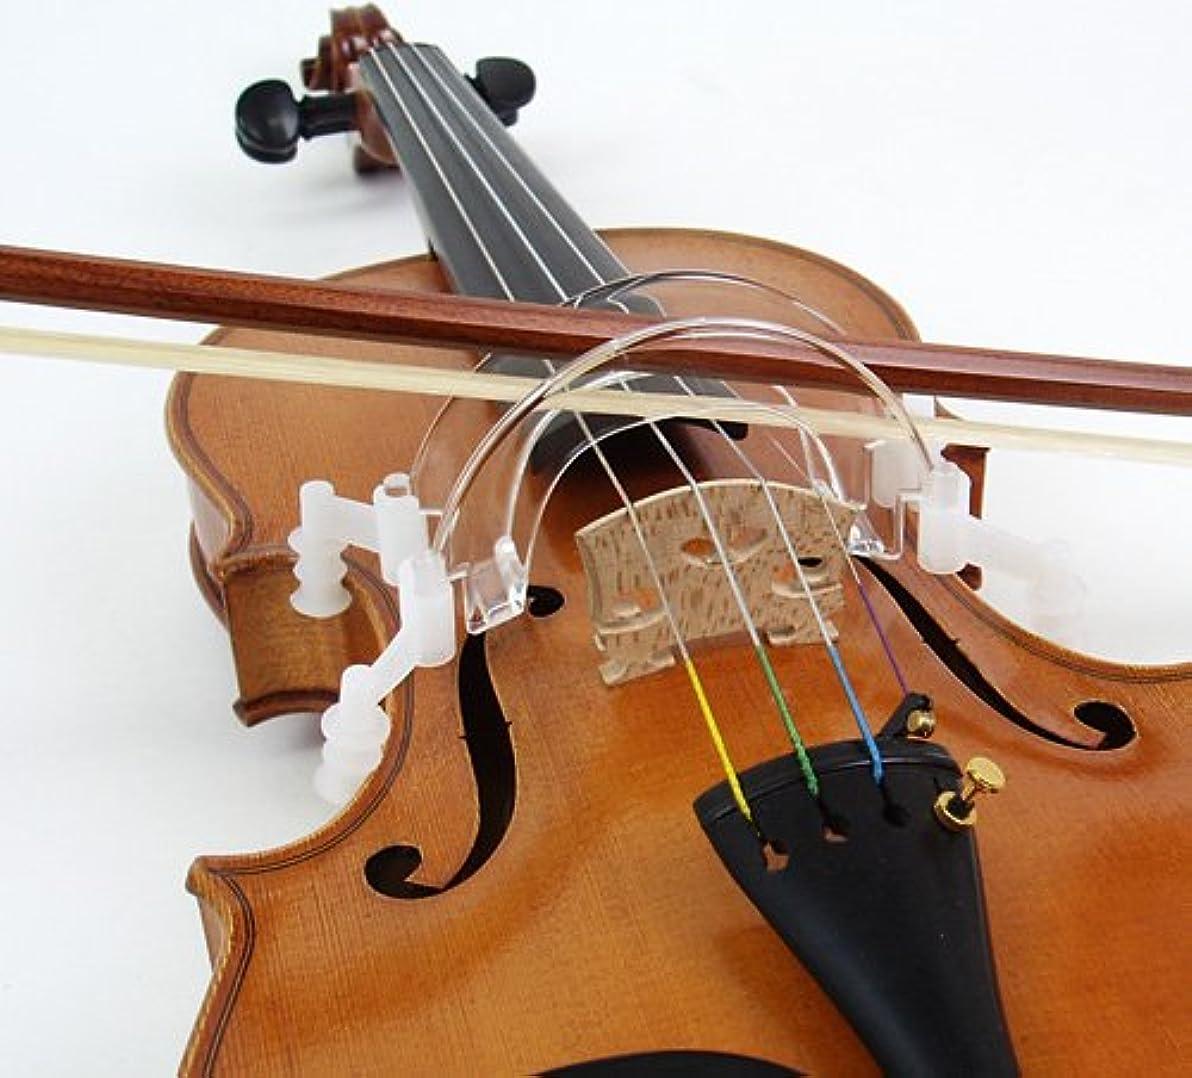 専門知識羨望下線バイオリン弓ボーイング練習ガイド矯正器具 HorACE Bow Guide(ホーレス?ボウガイド)4/4~1/2サイズ用